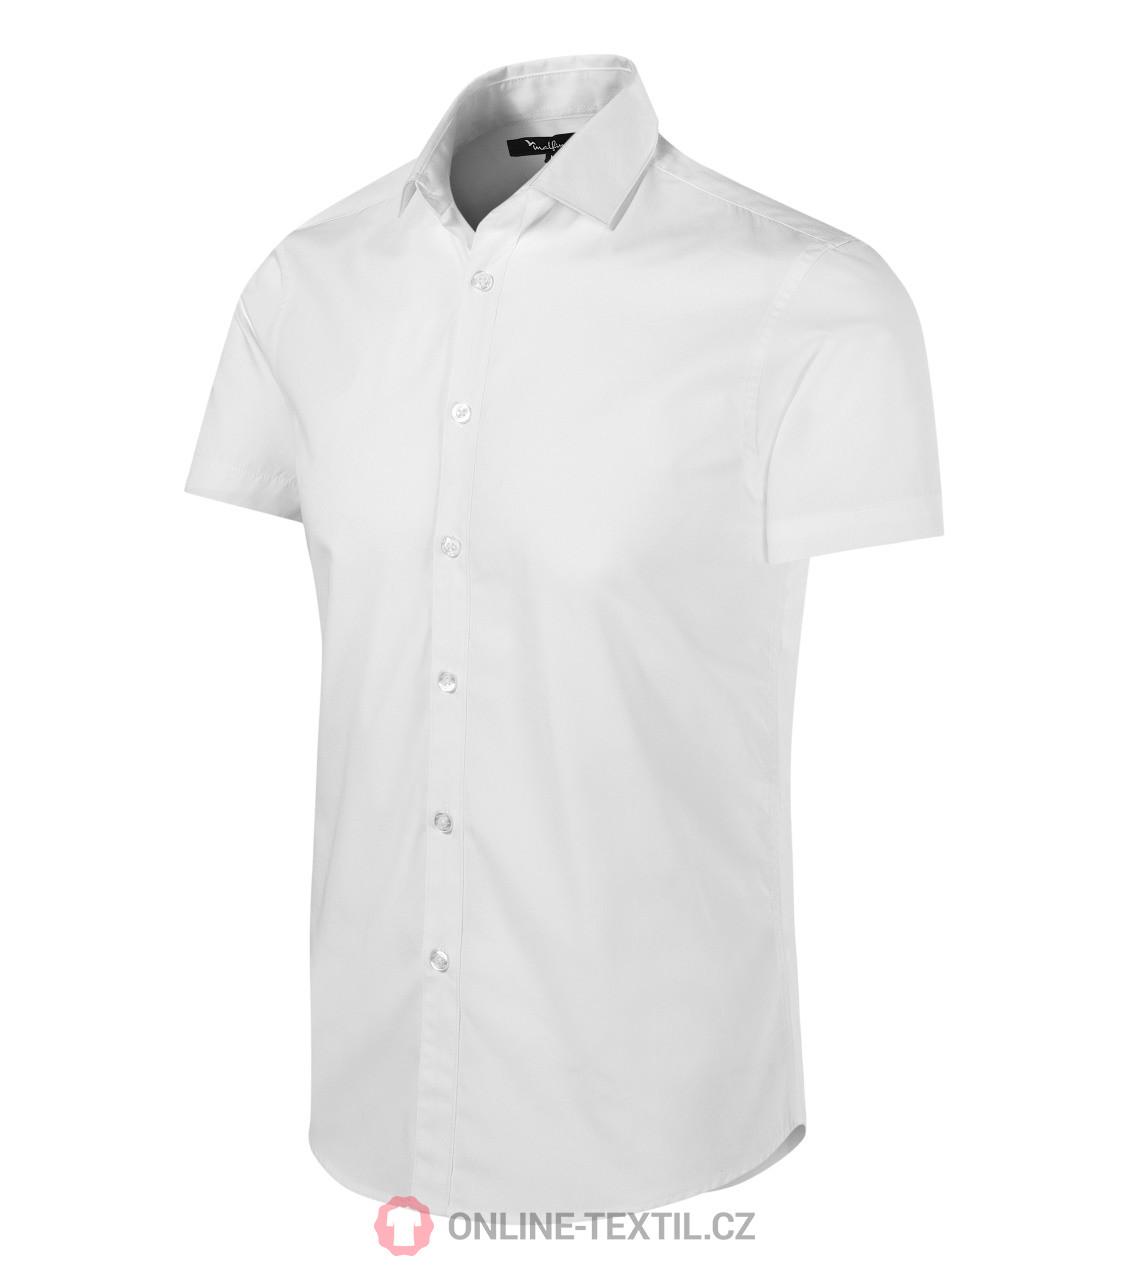 ADLER CZECH Pánská košile Malfini Premium Flash 260 - bílá z kolekce ... 756d11b4f2